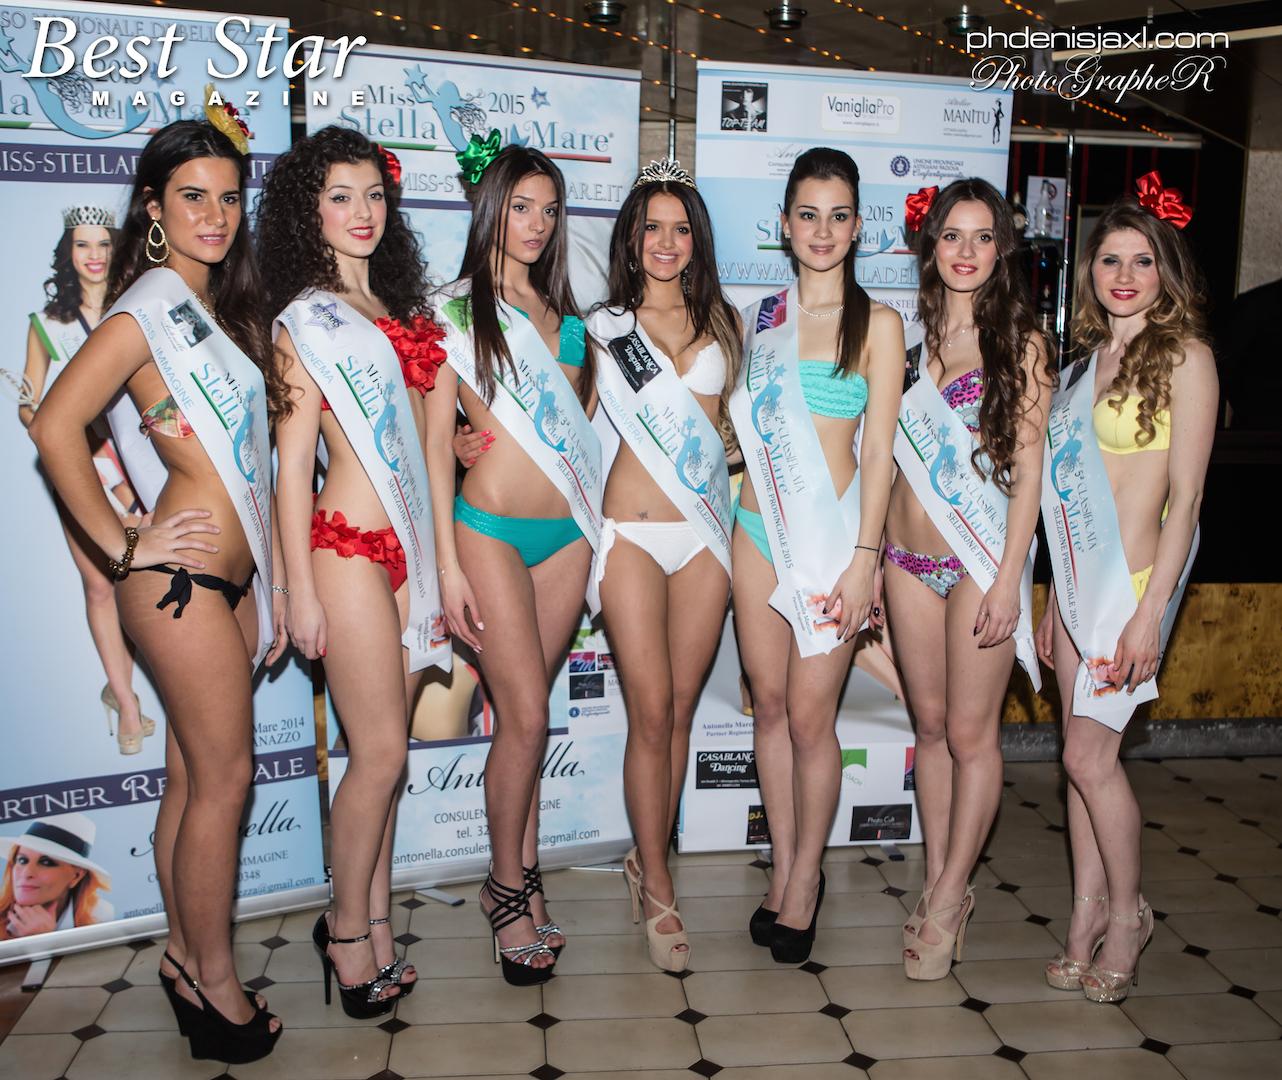 Miss Primavera best star ph denis j axl fotografo delle miss-8633